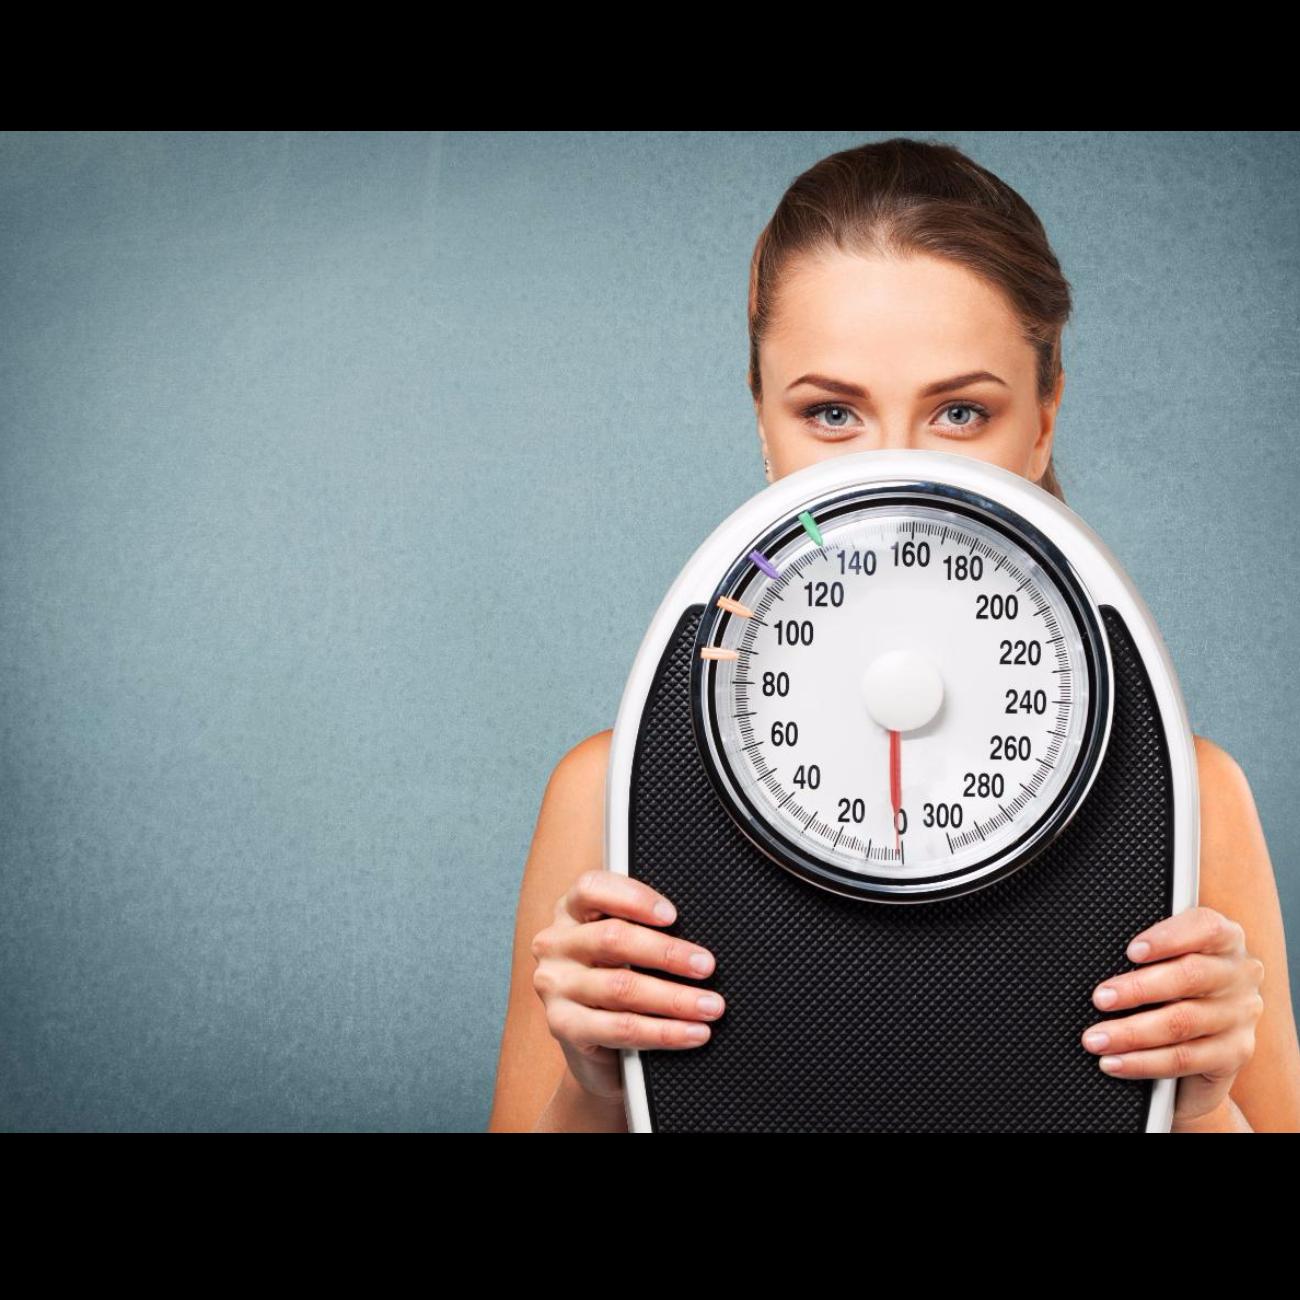 dieta-gorduras